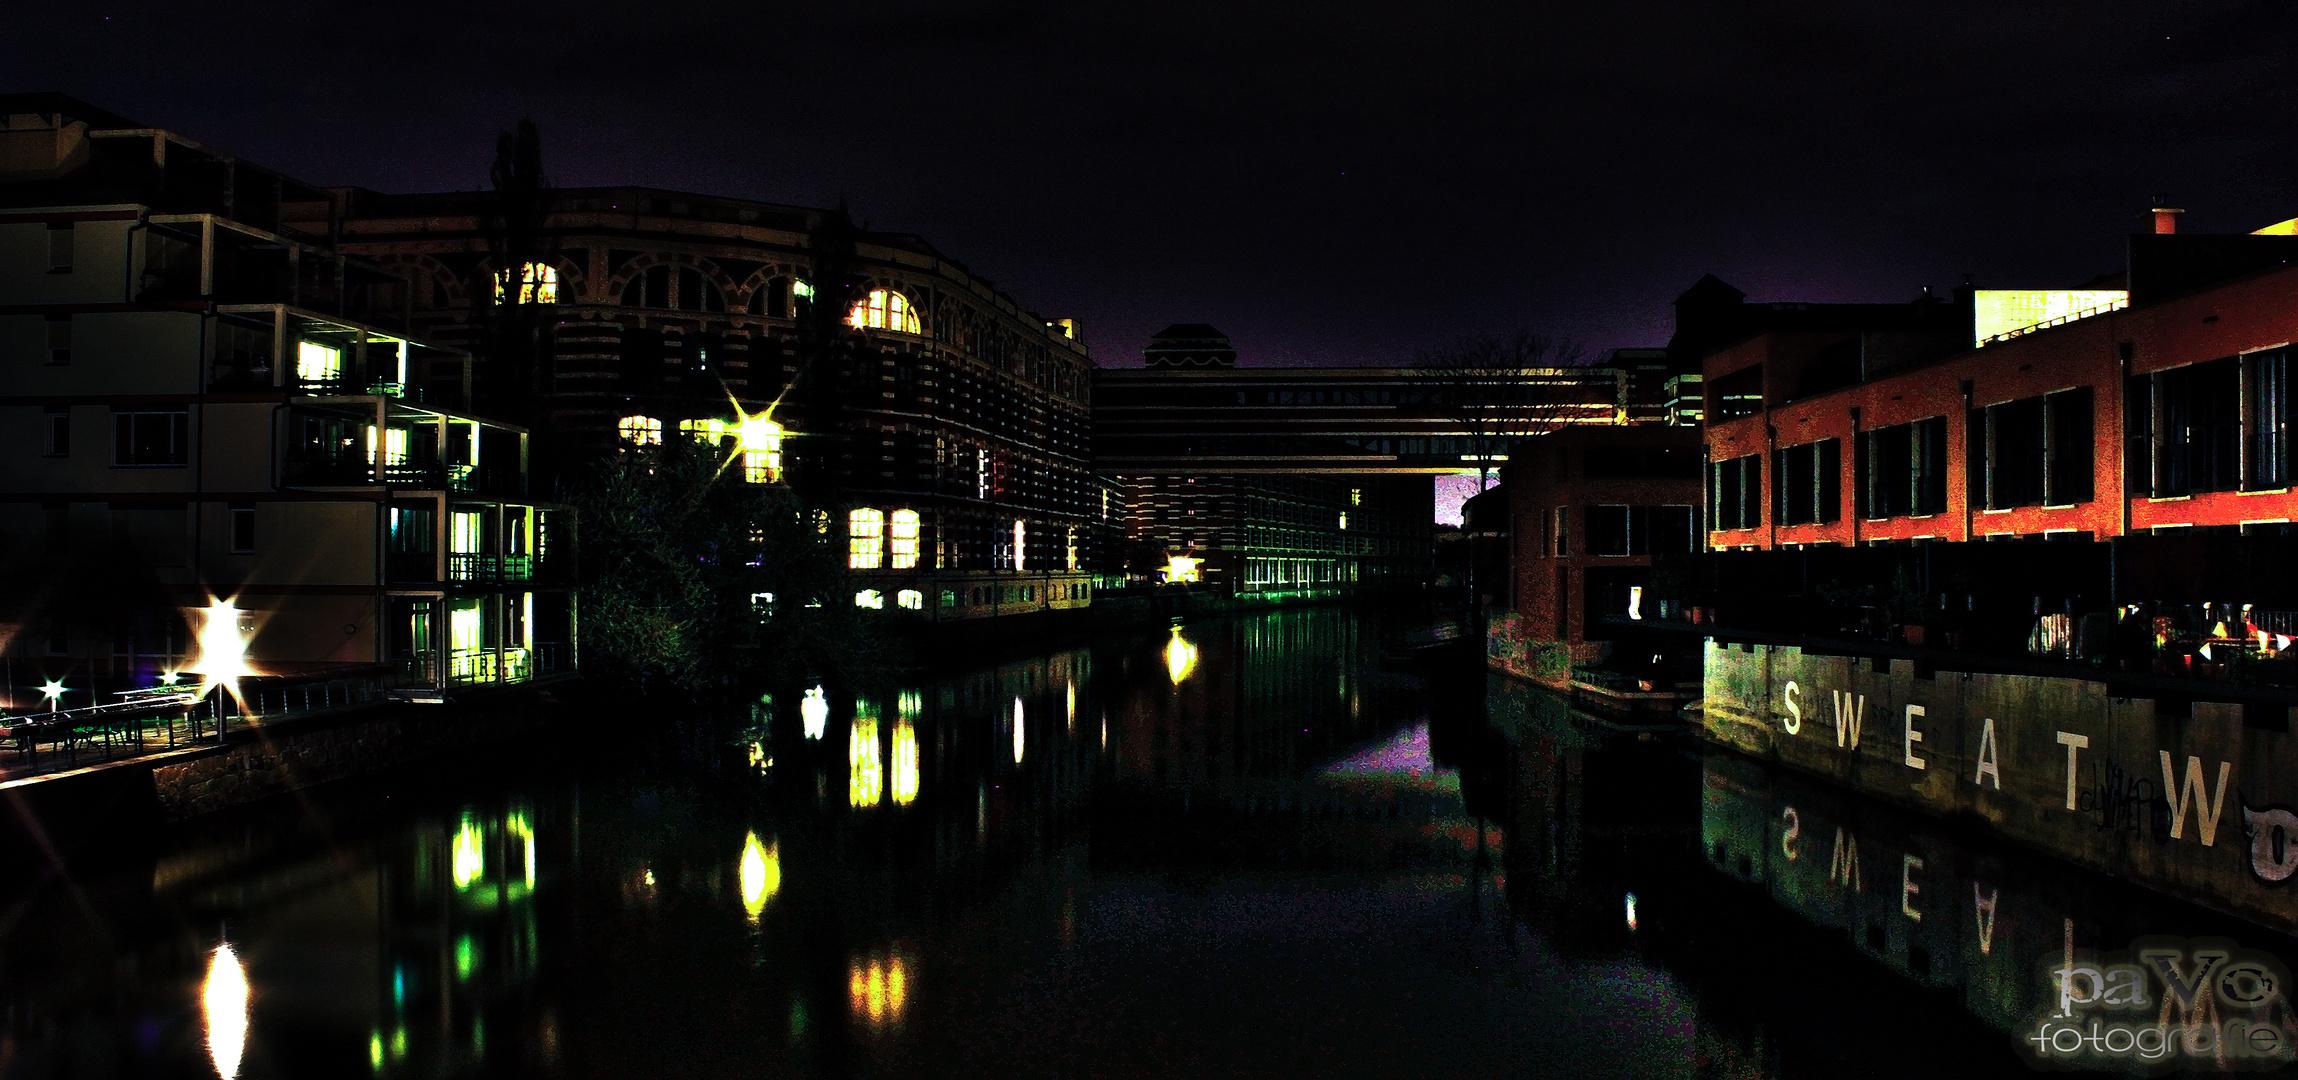 20.04.2013 Karl - Heine - Kanal an den ehemaligen Buntgarnwerke Nachtaufnahme